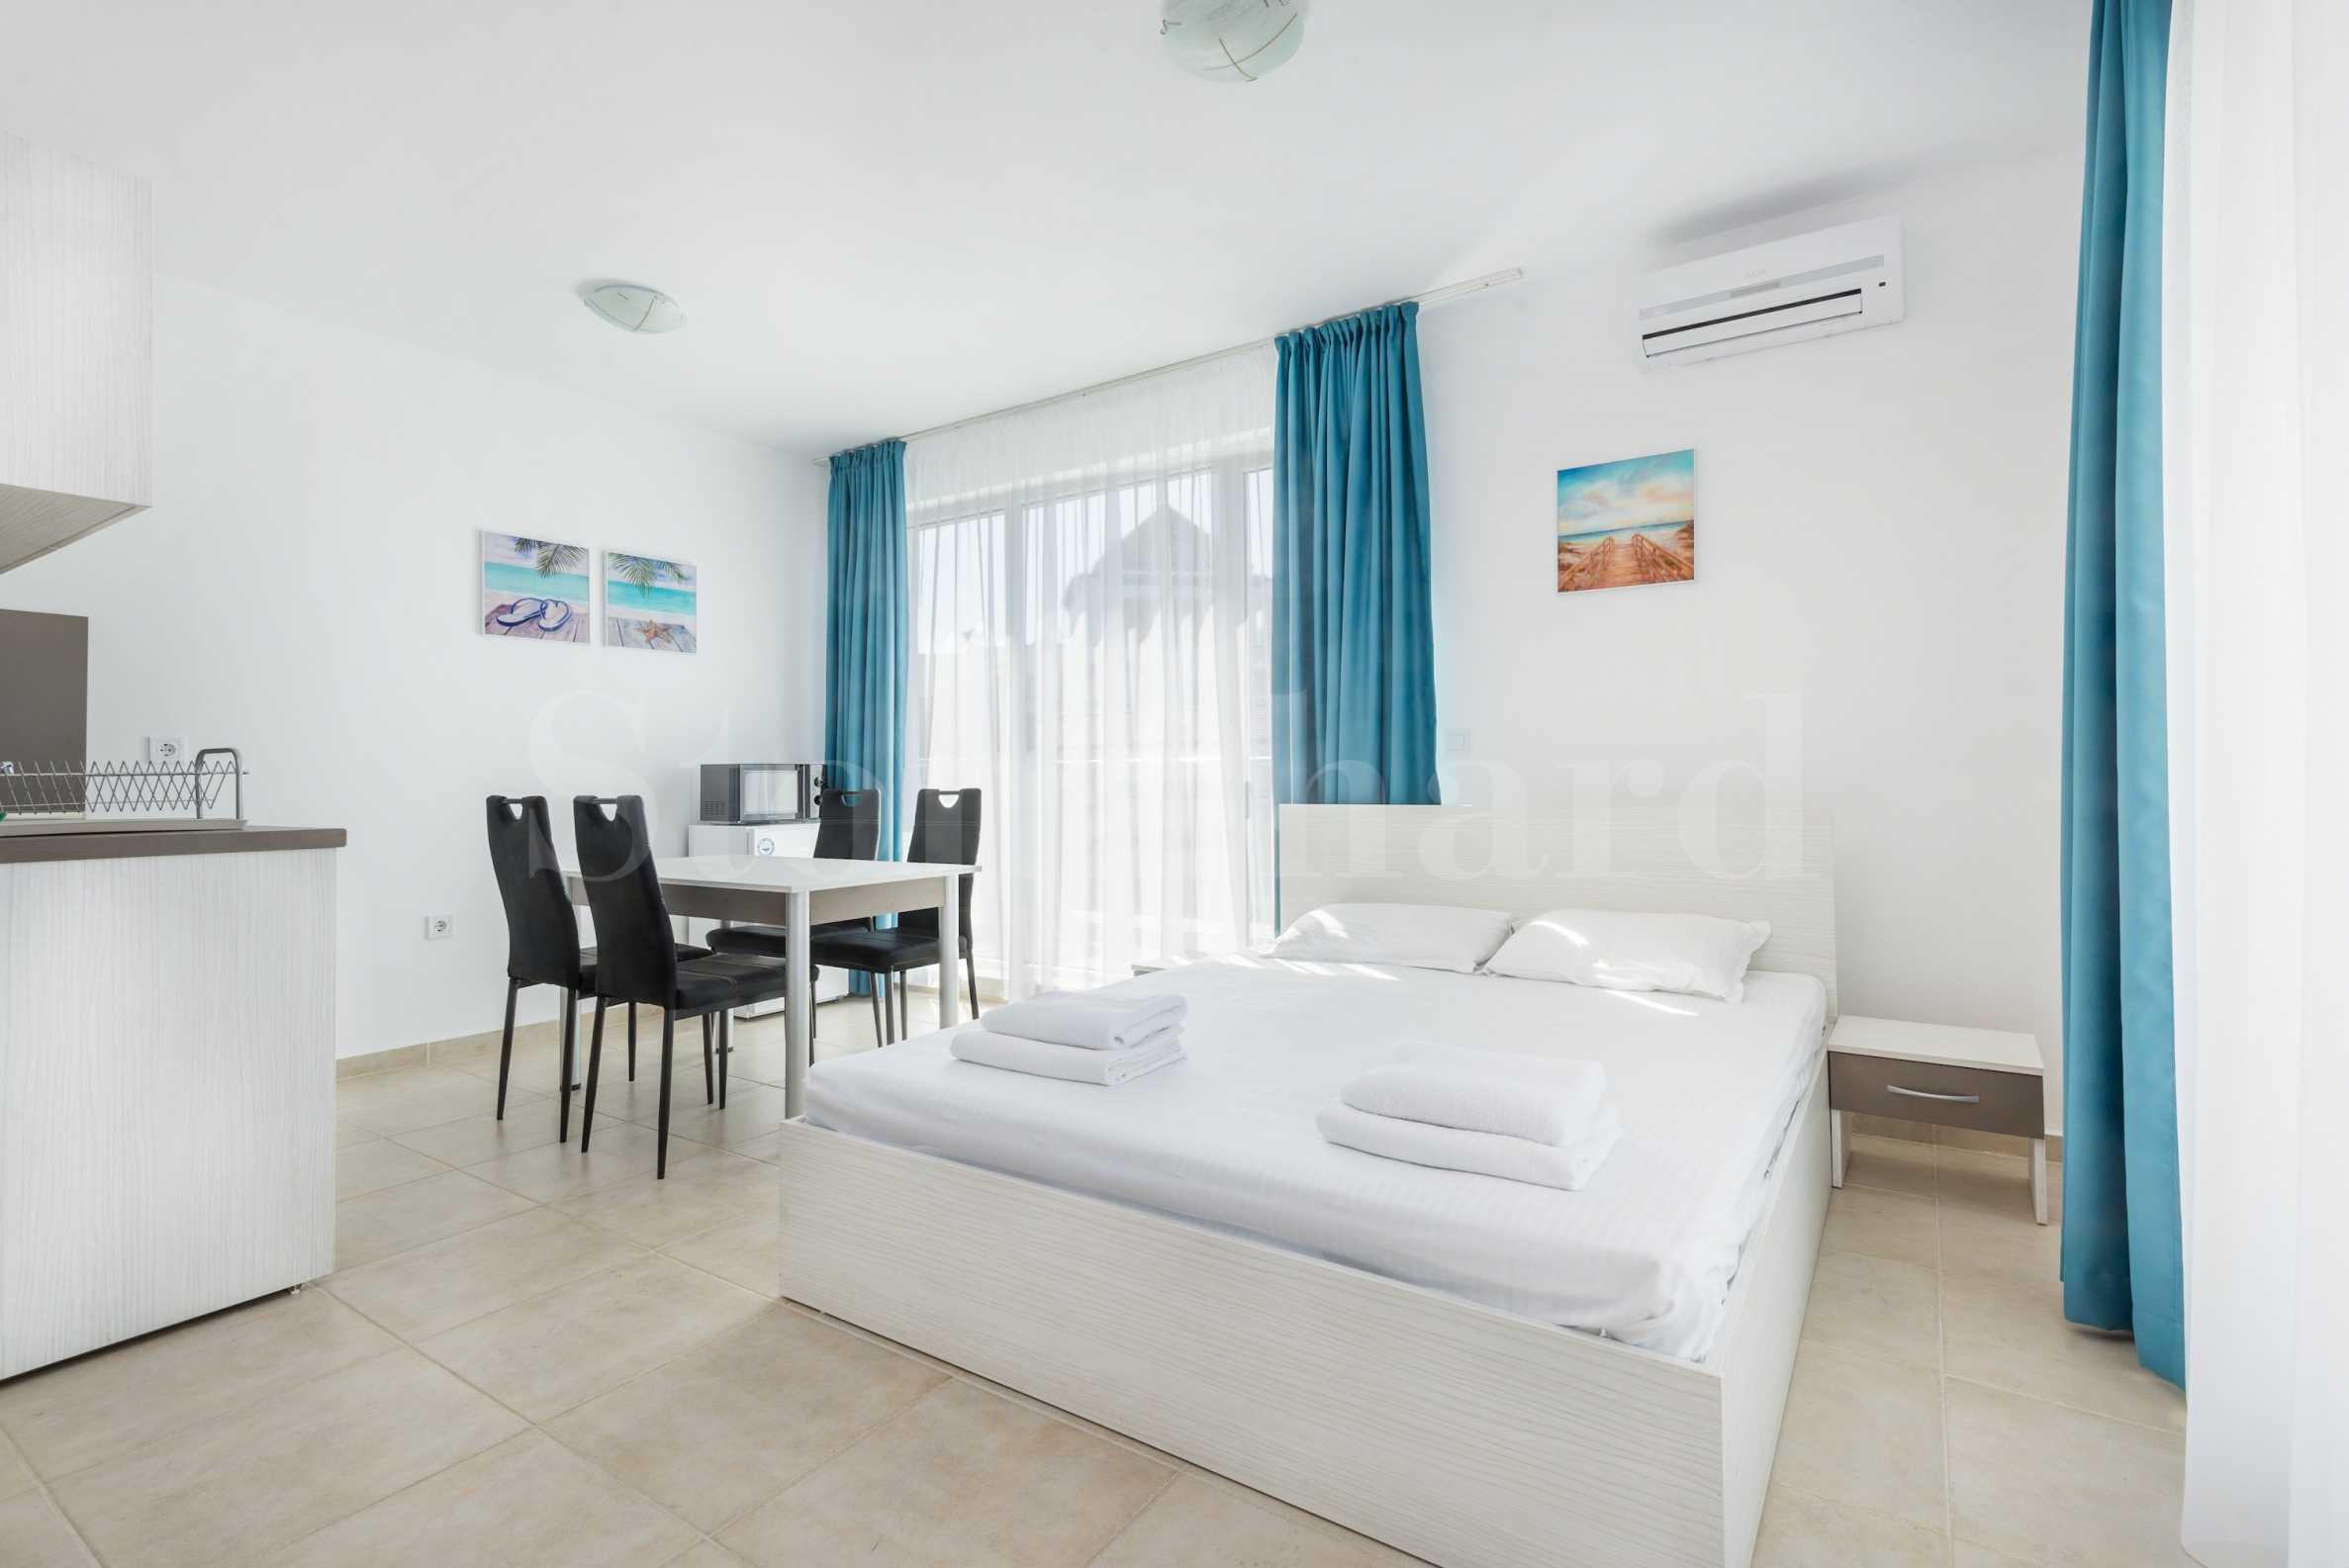 Апартаменти във ваканционен комплекс ново строителство в Синеморец1 - Stonehard